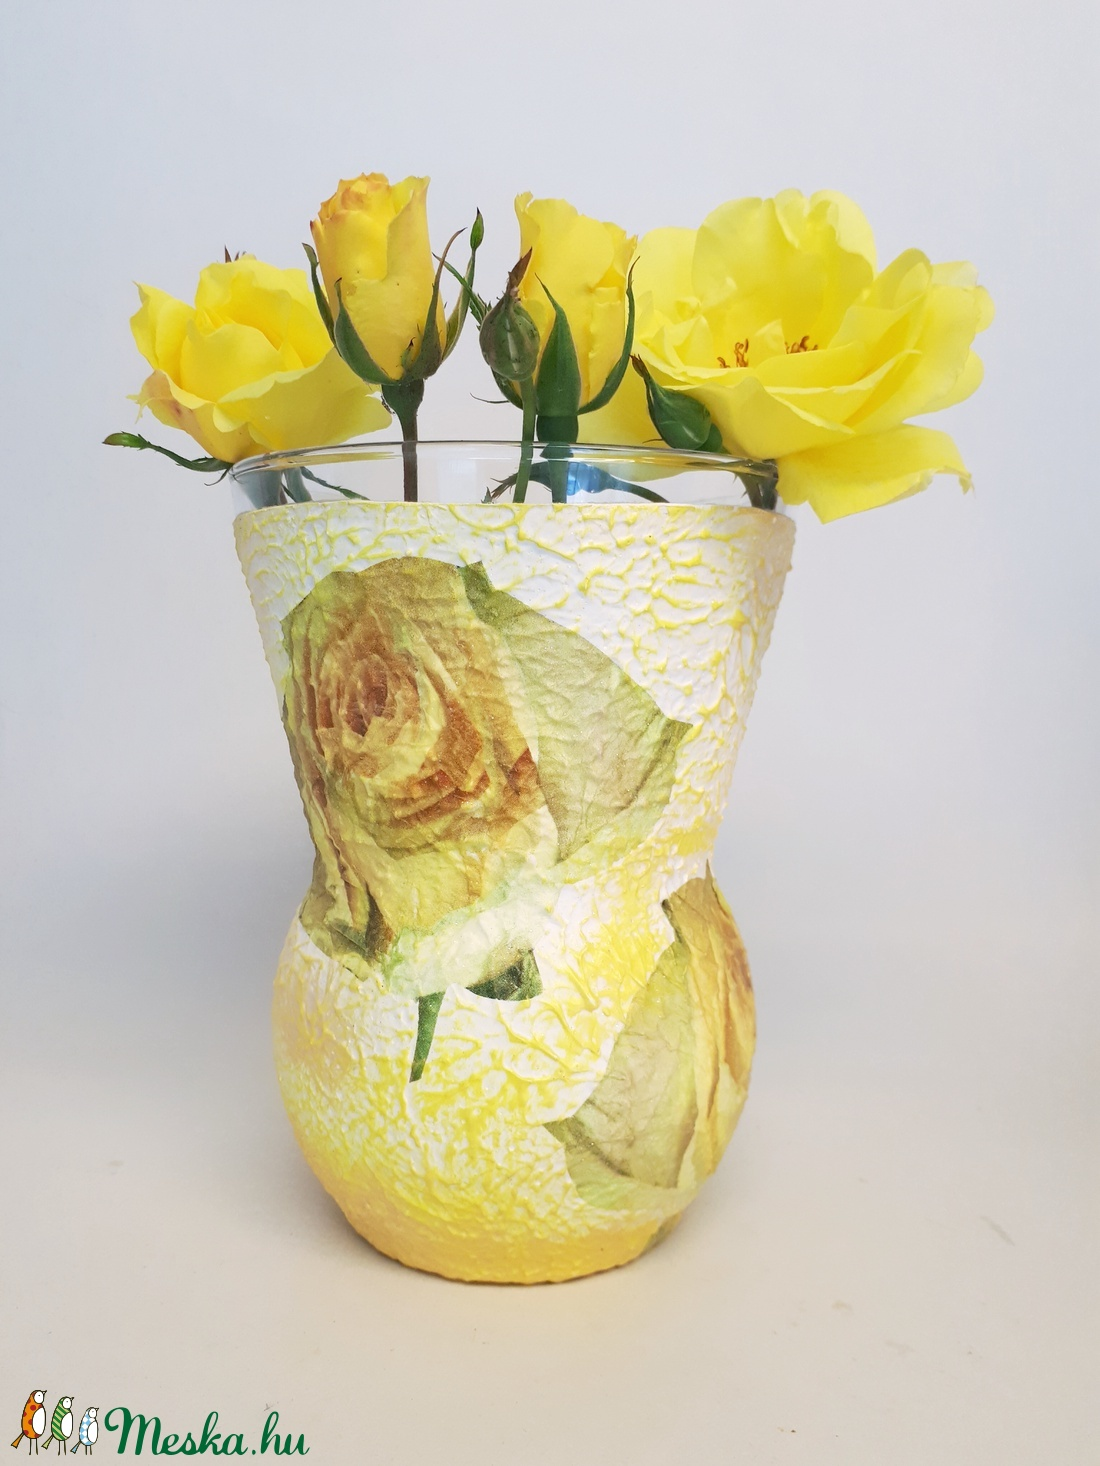 Sárga rózsás váza esküvőre, eljegyzésre, házassági évfordulóra, nászajándékba. (Biborvarazs) - Meska.hu